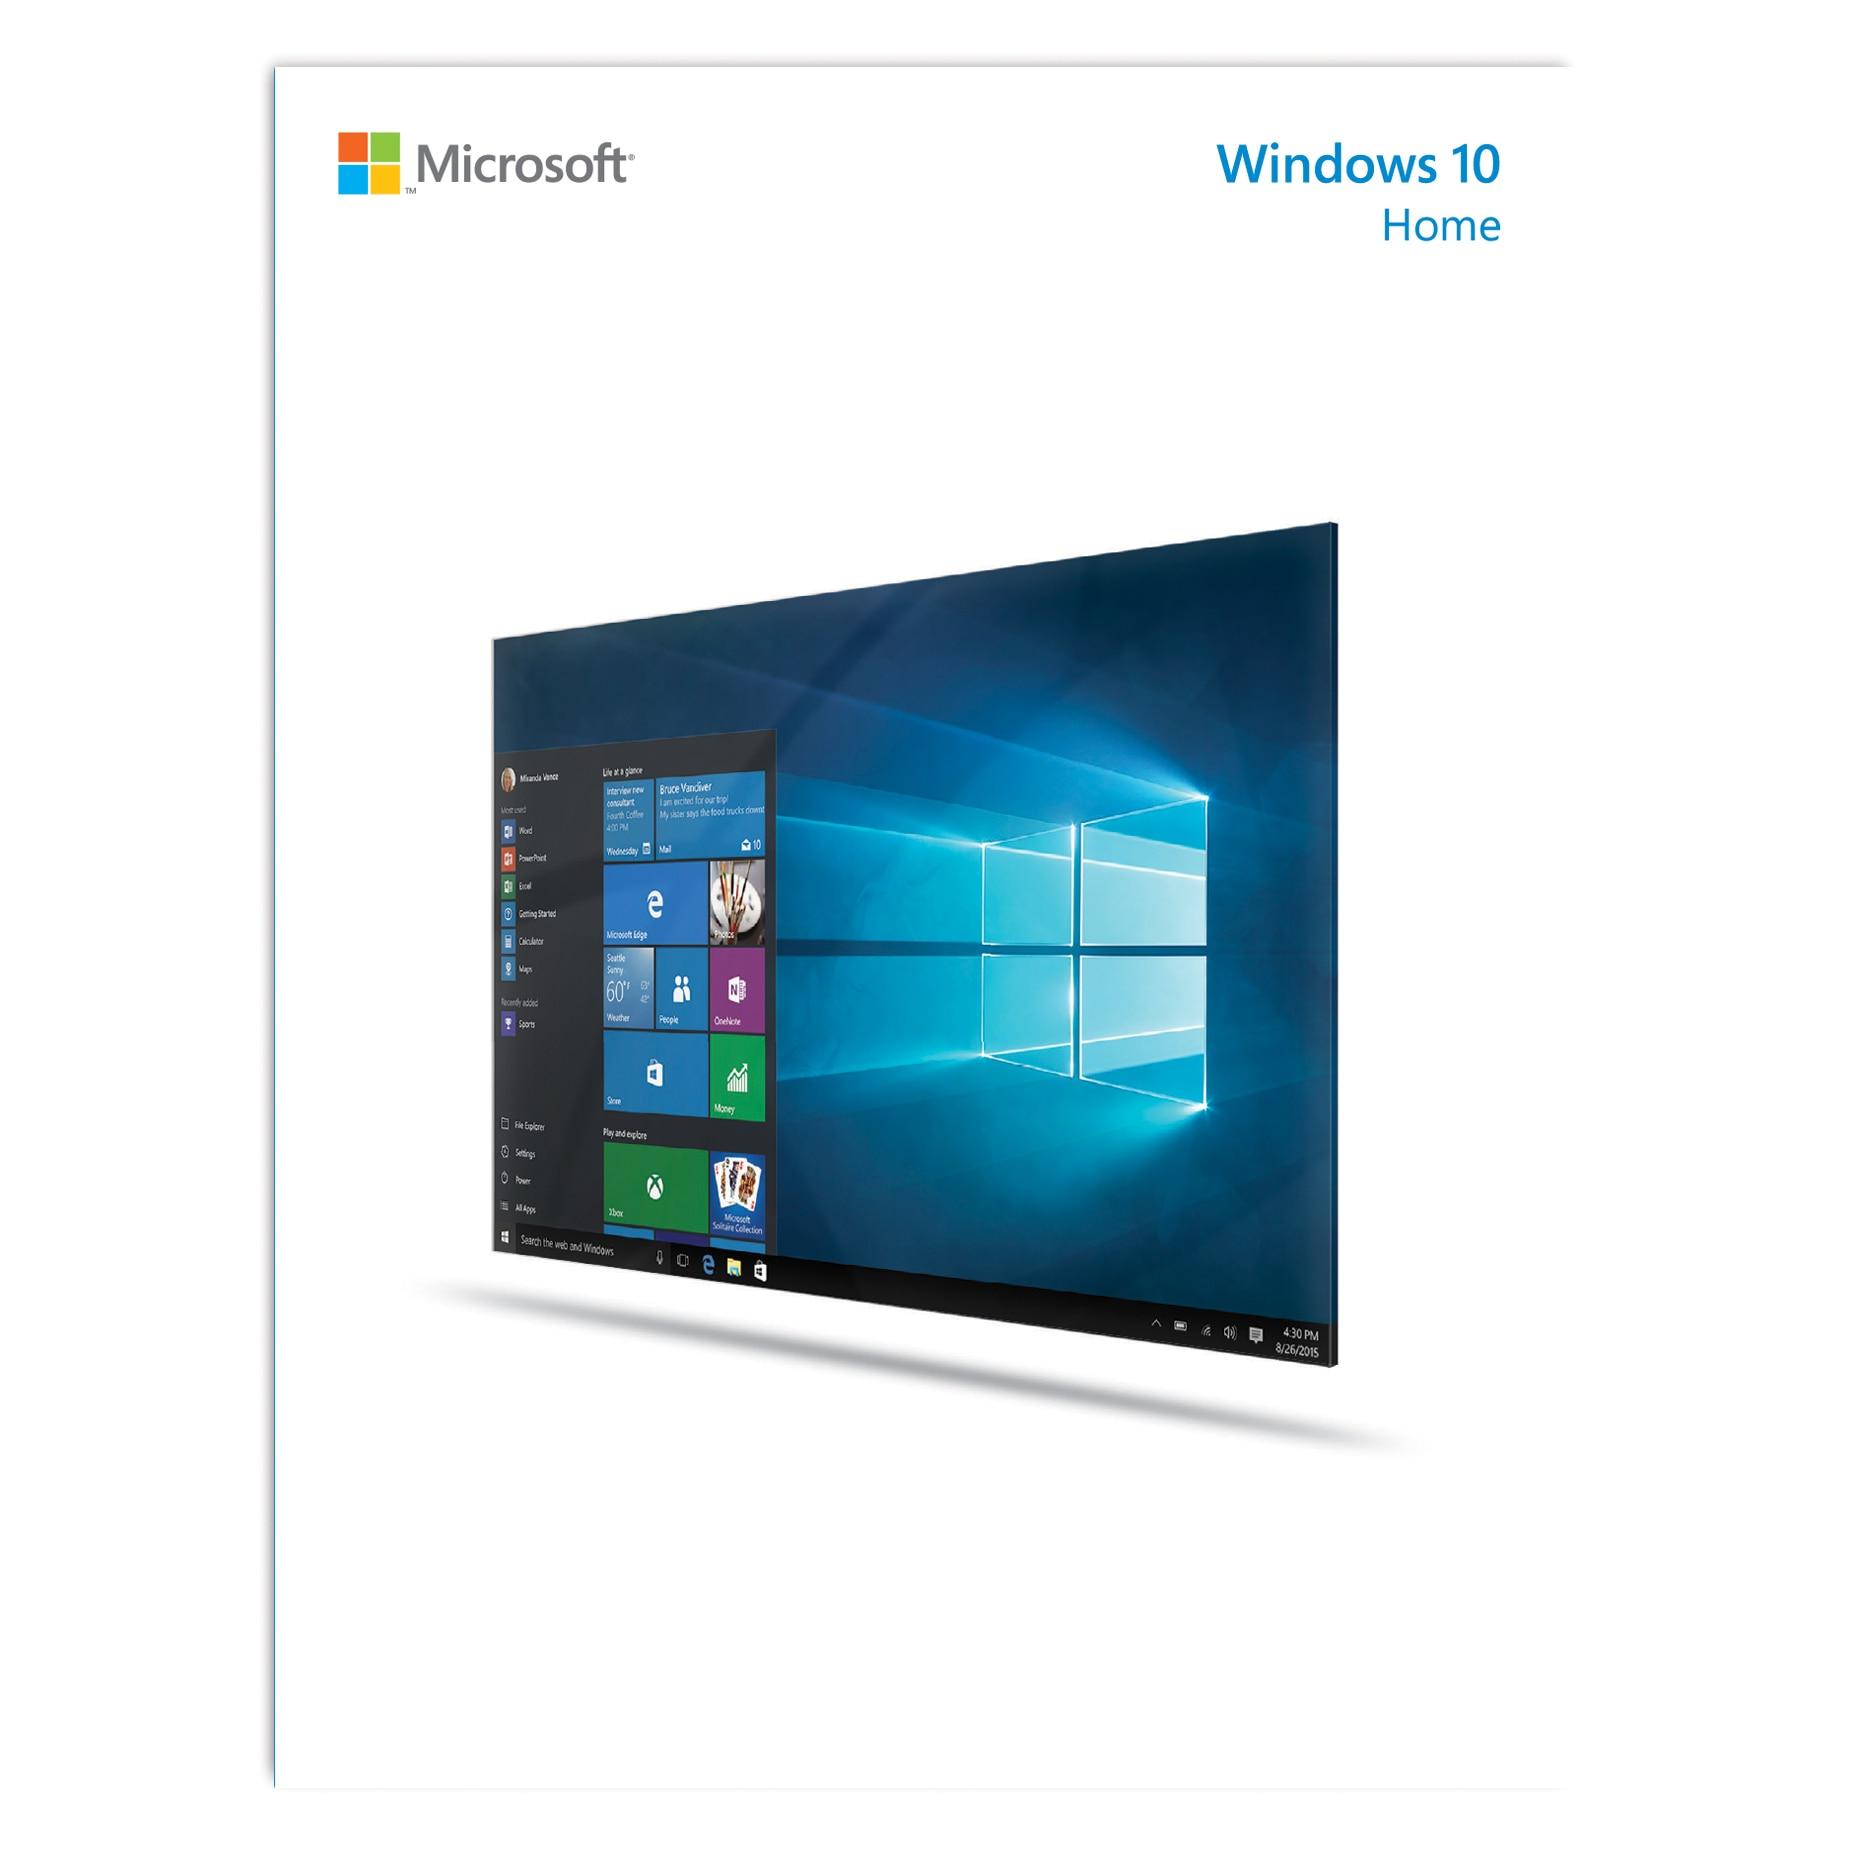 Microsoft Windows 10 Home 32 bit64 bit, Többnyelvű, online letölthetős licens